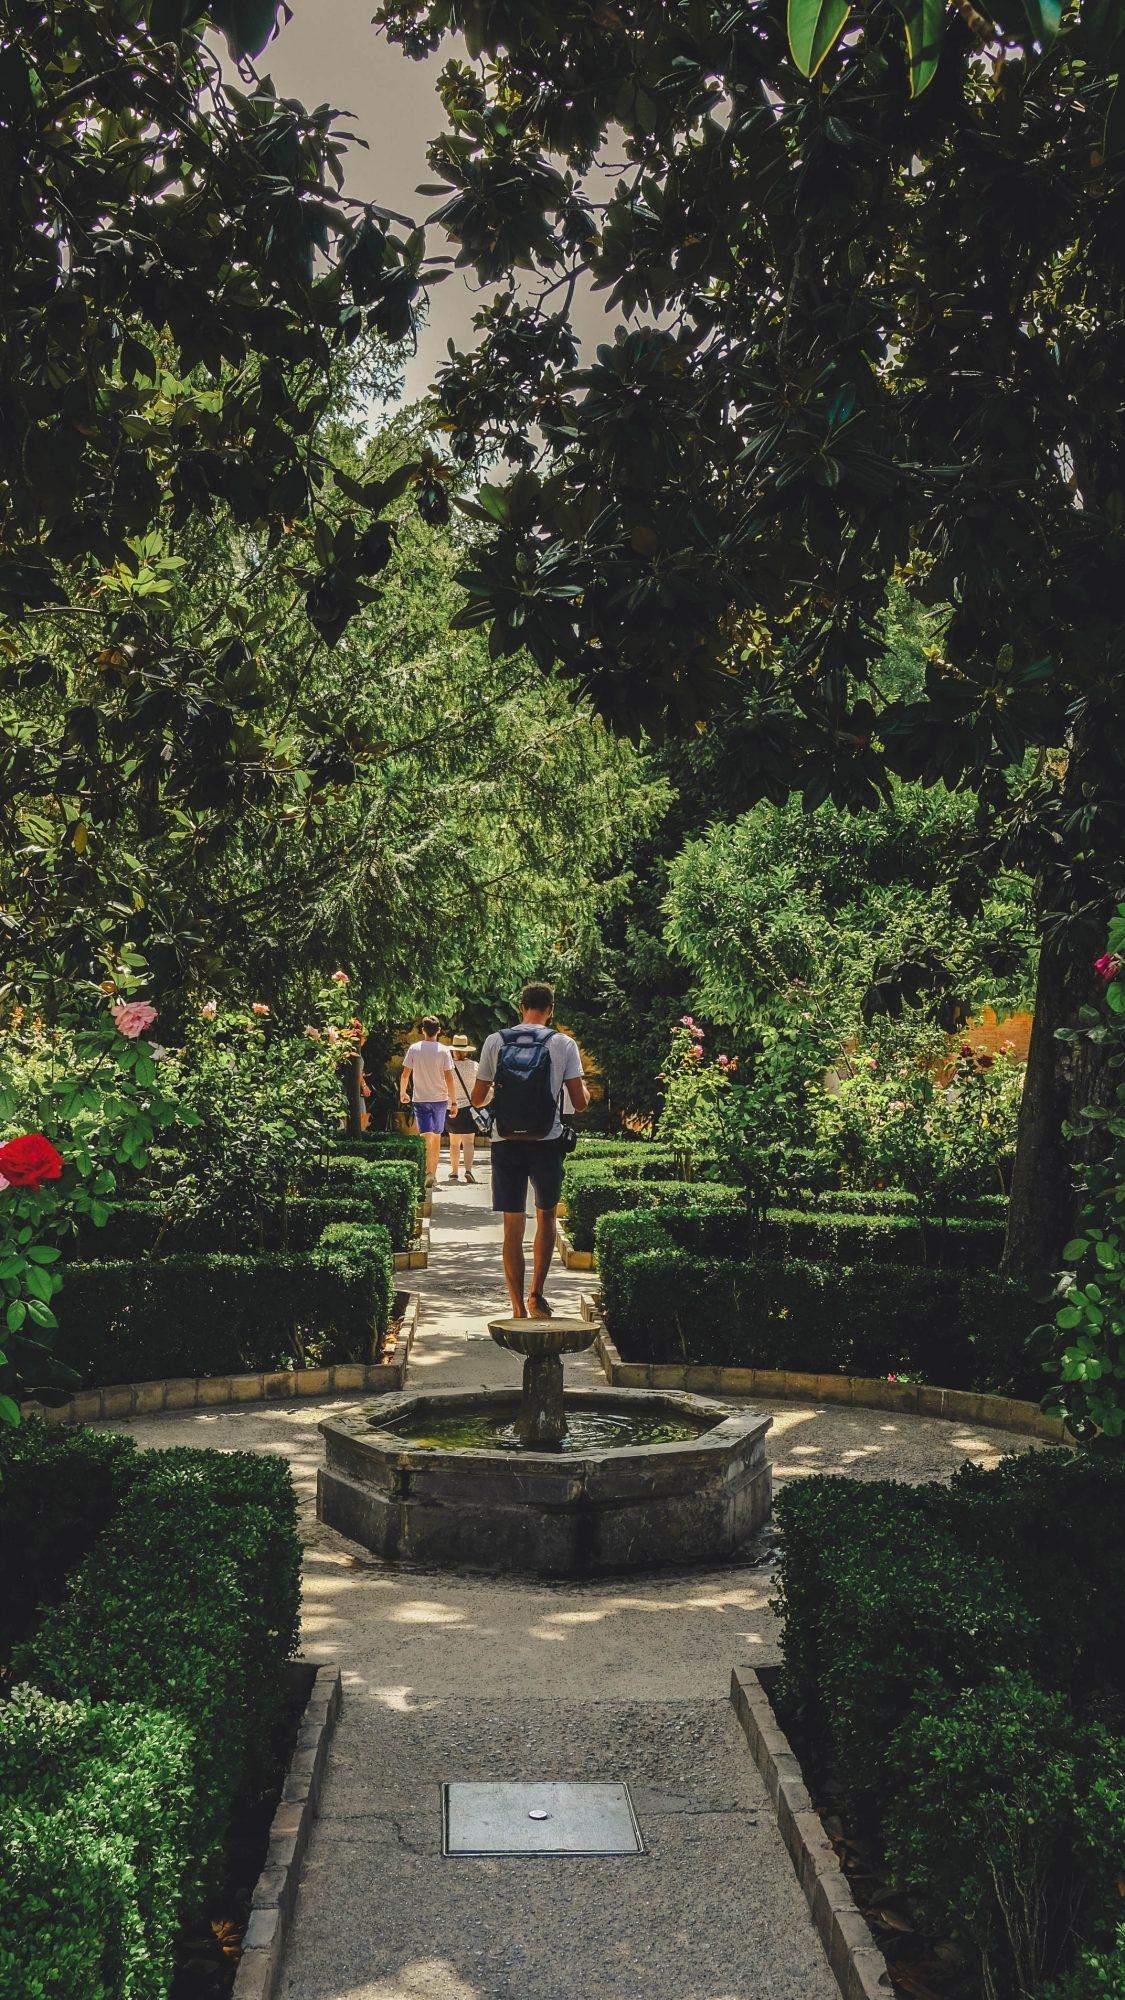 Les jardins et les fontaines de l'Alhambra